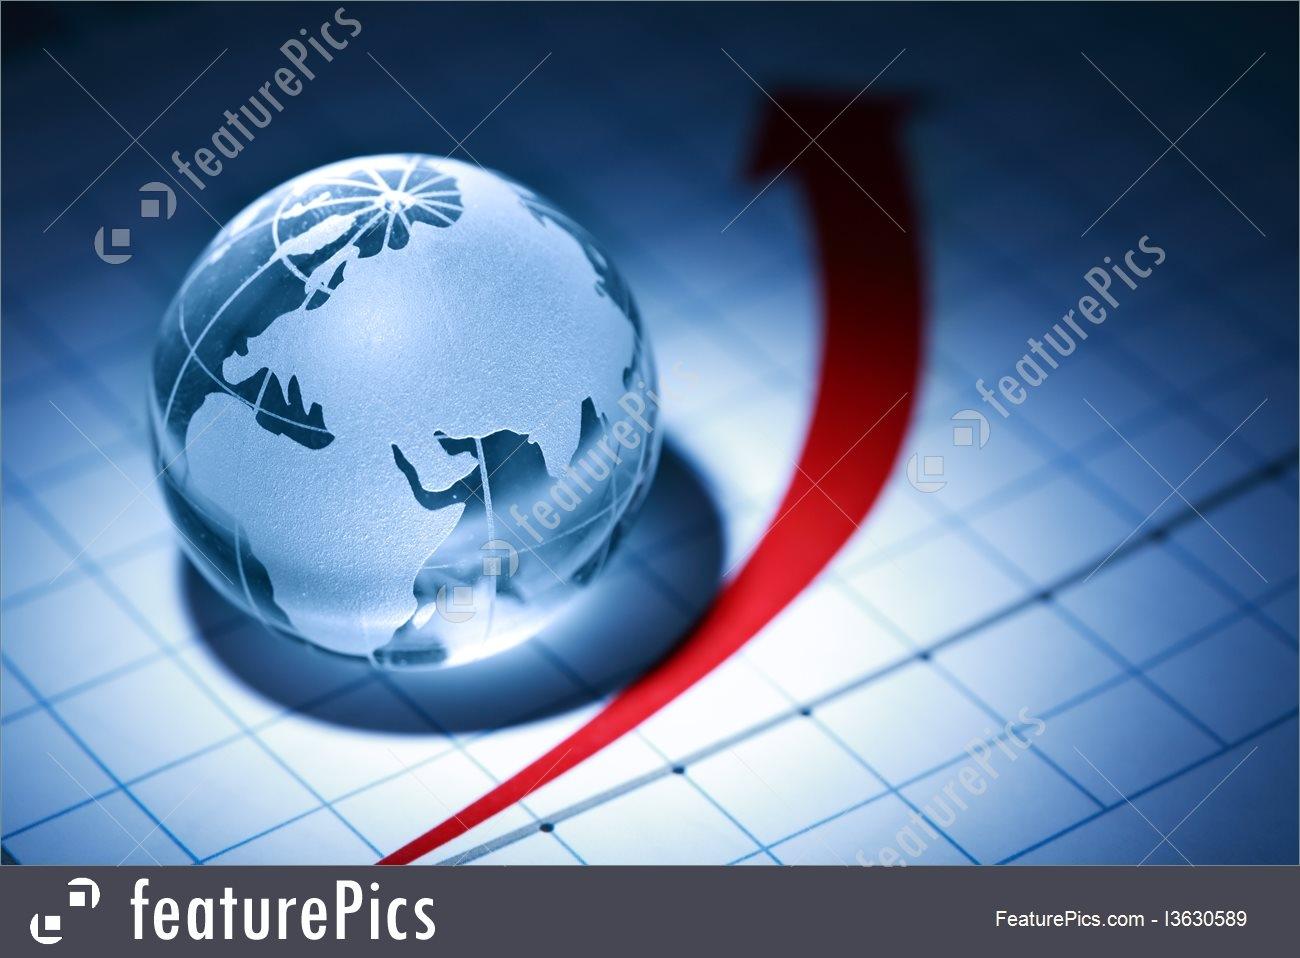 Kinh tế toàn cầu sẽ phục hồi nhưng chậm hơn kỳ vọng